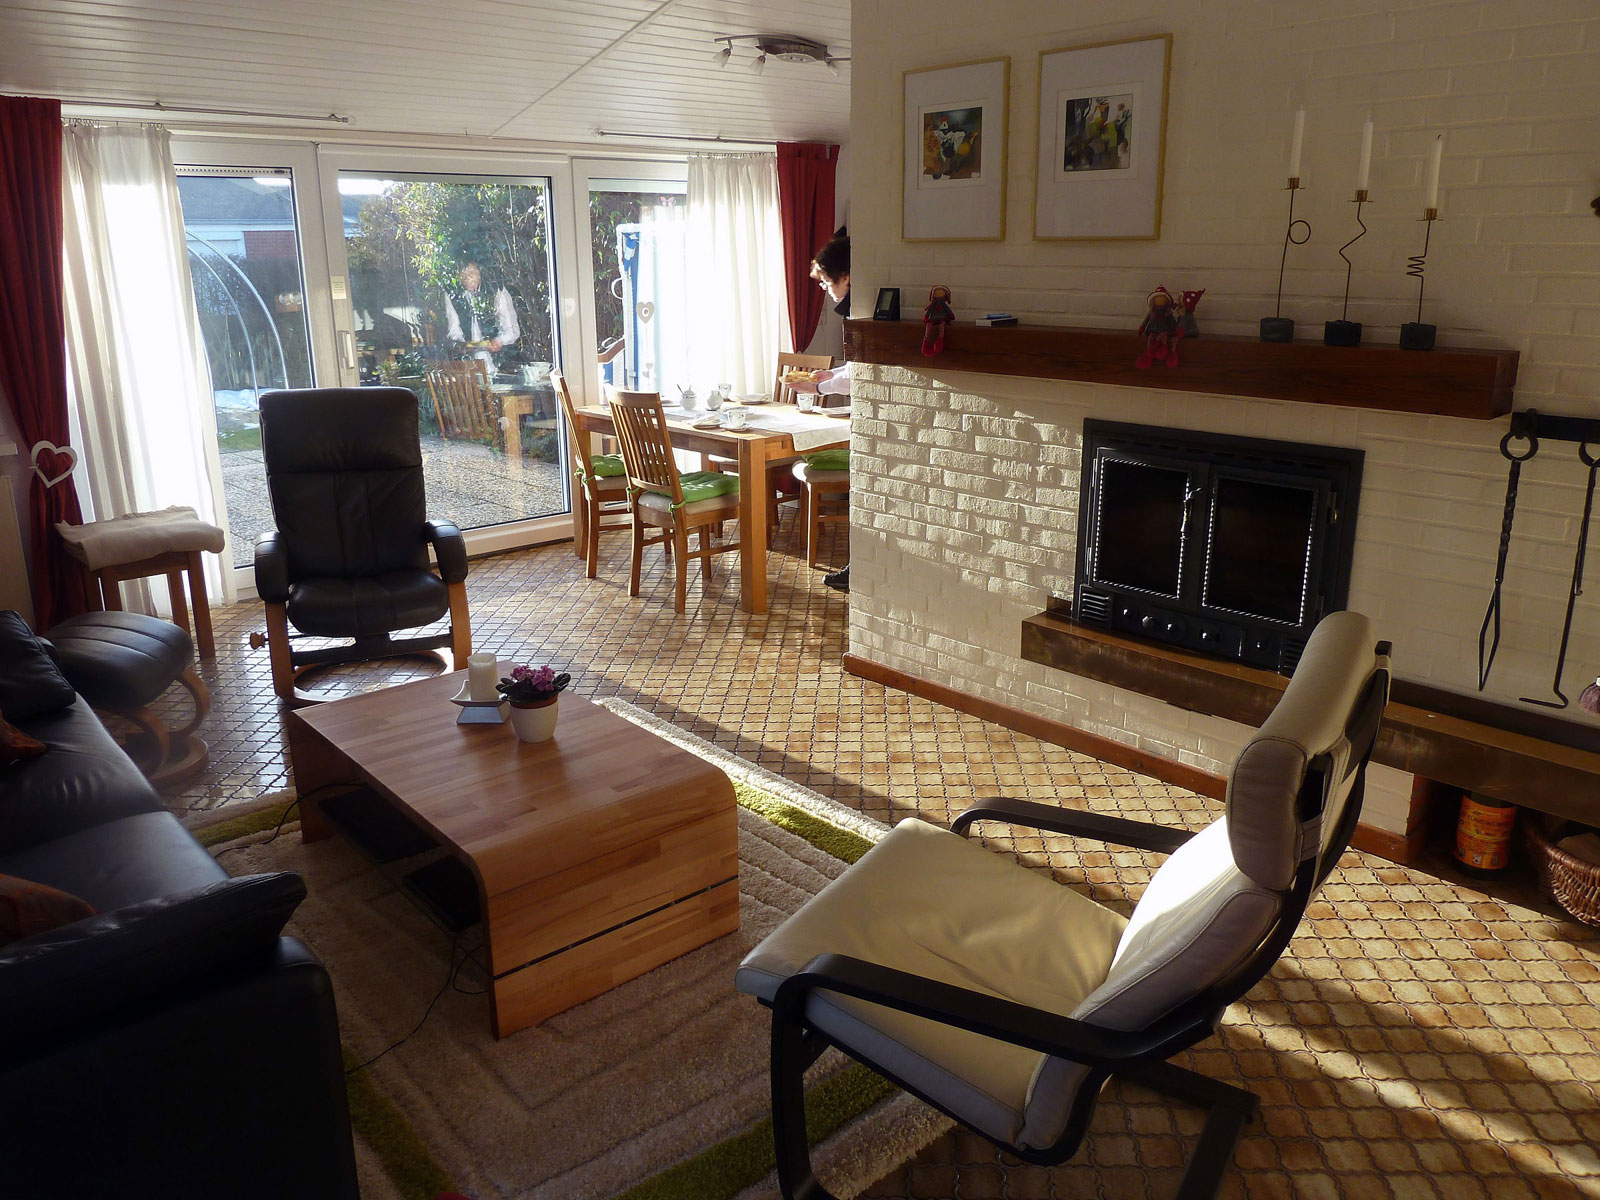 Offenes und helles Wohnzimmer mit Kamin